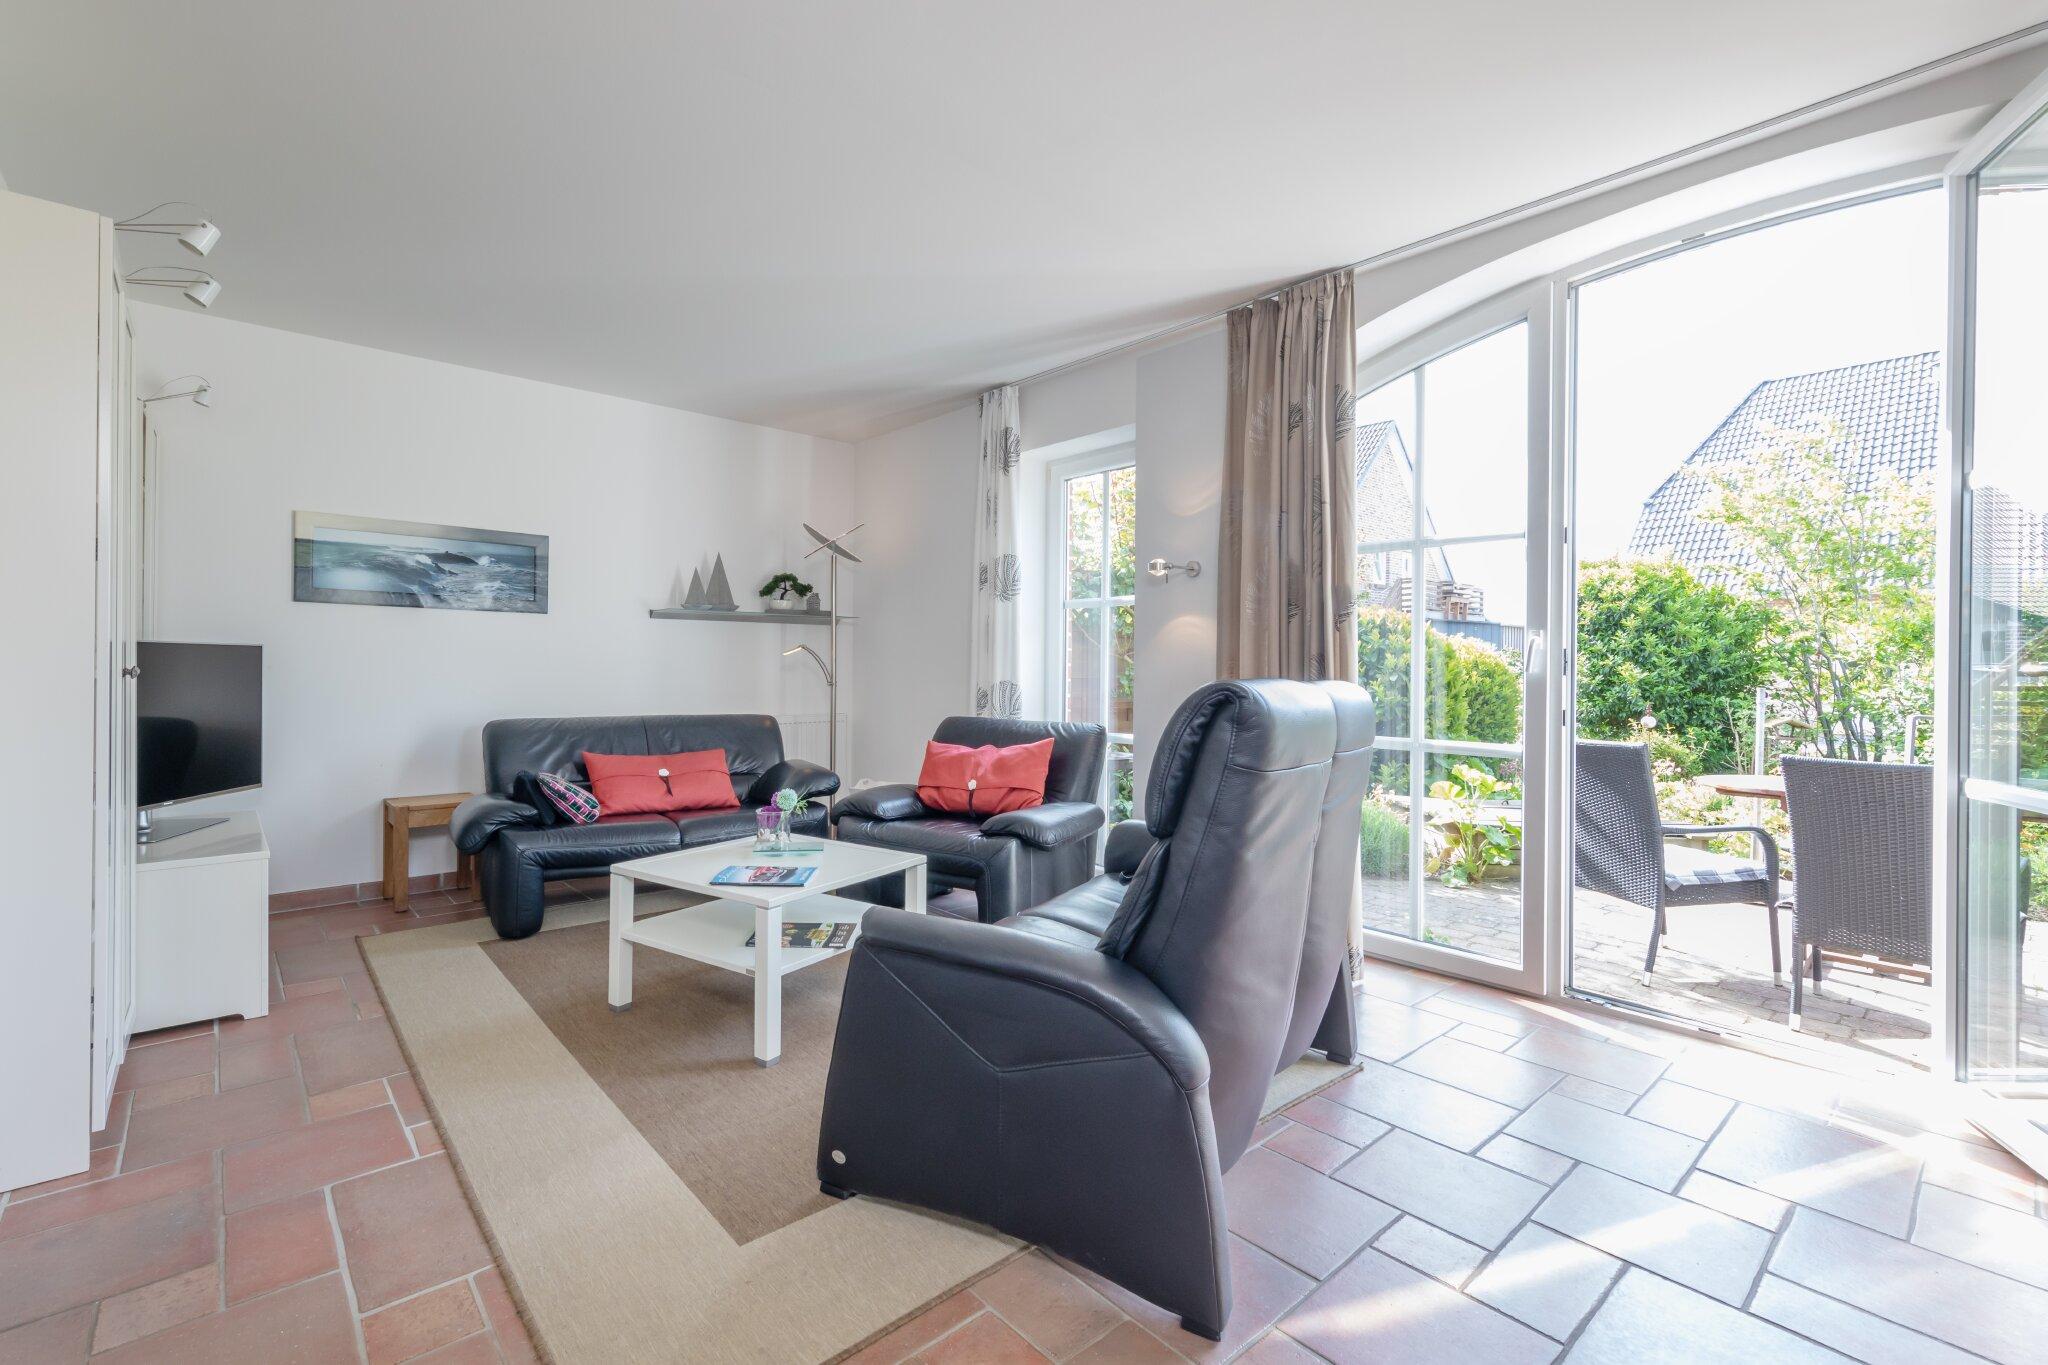 Zusatzbild Nr. 03 von Ferienhaus Ostseelust